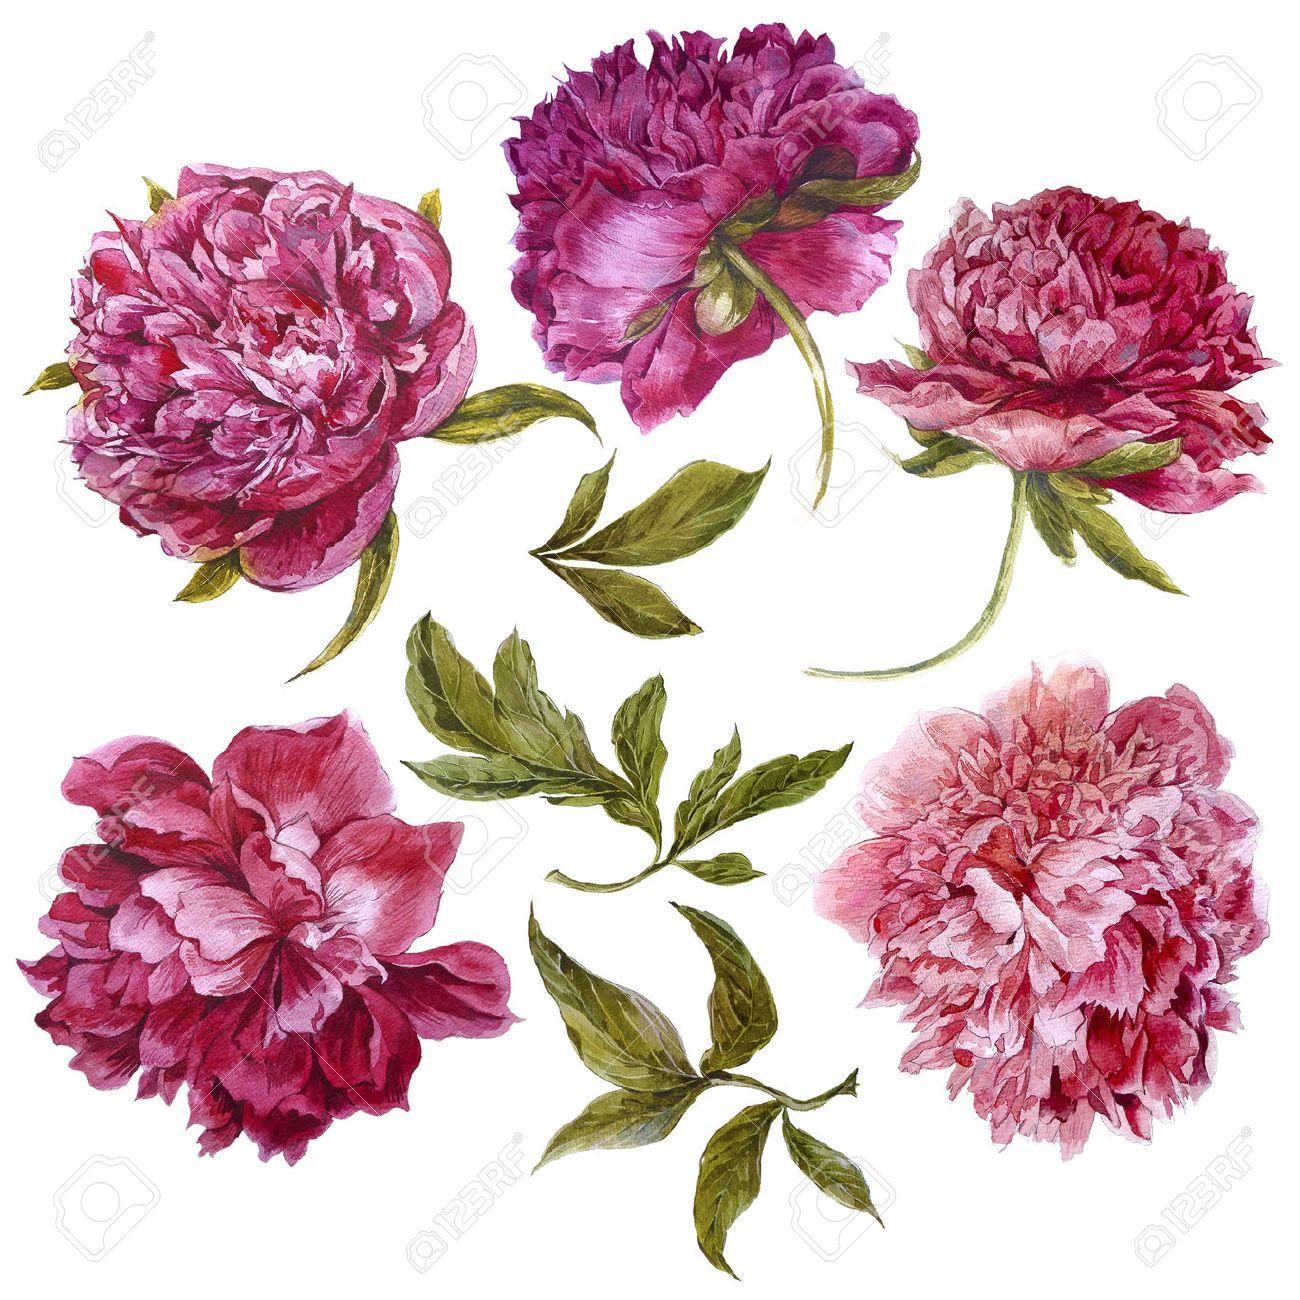 Ensemble de l'aquarelle pivoines rose foncé, fleur, feuille, séparée brins, isolé illustration d'aquarelle Banque d'images - 43627820